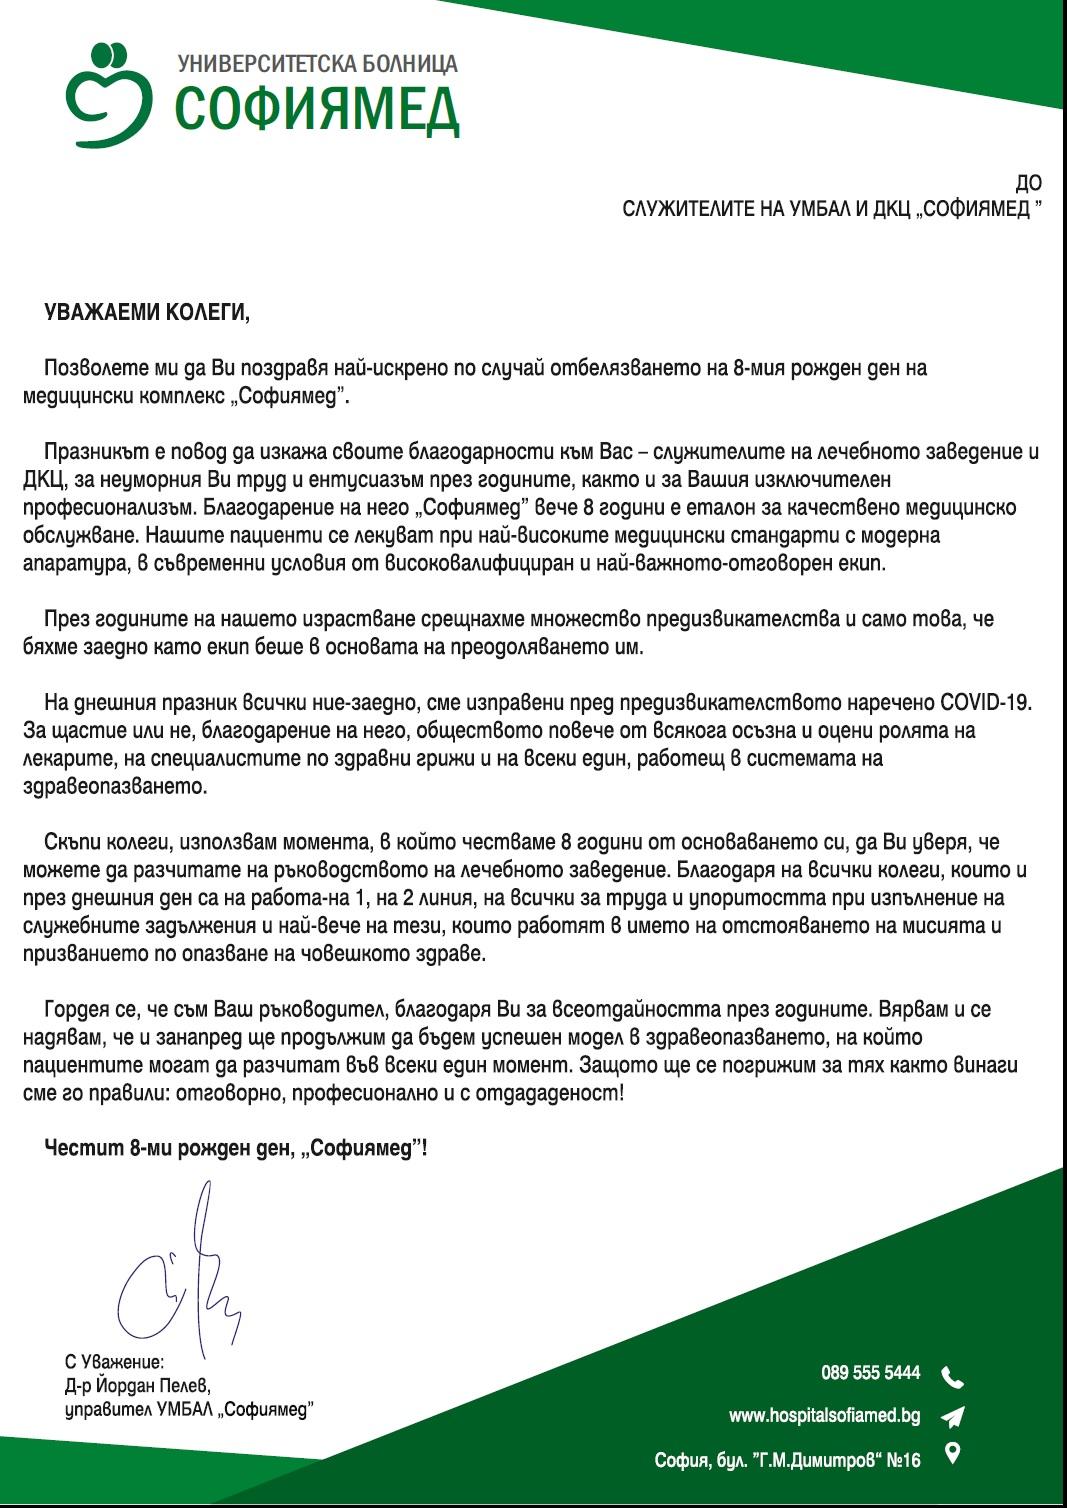 Доц. Шиваров сред 10-те най-известни млади личности на България за 2020г.